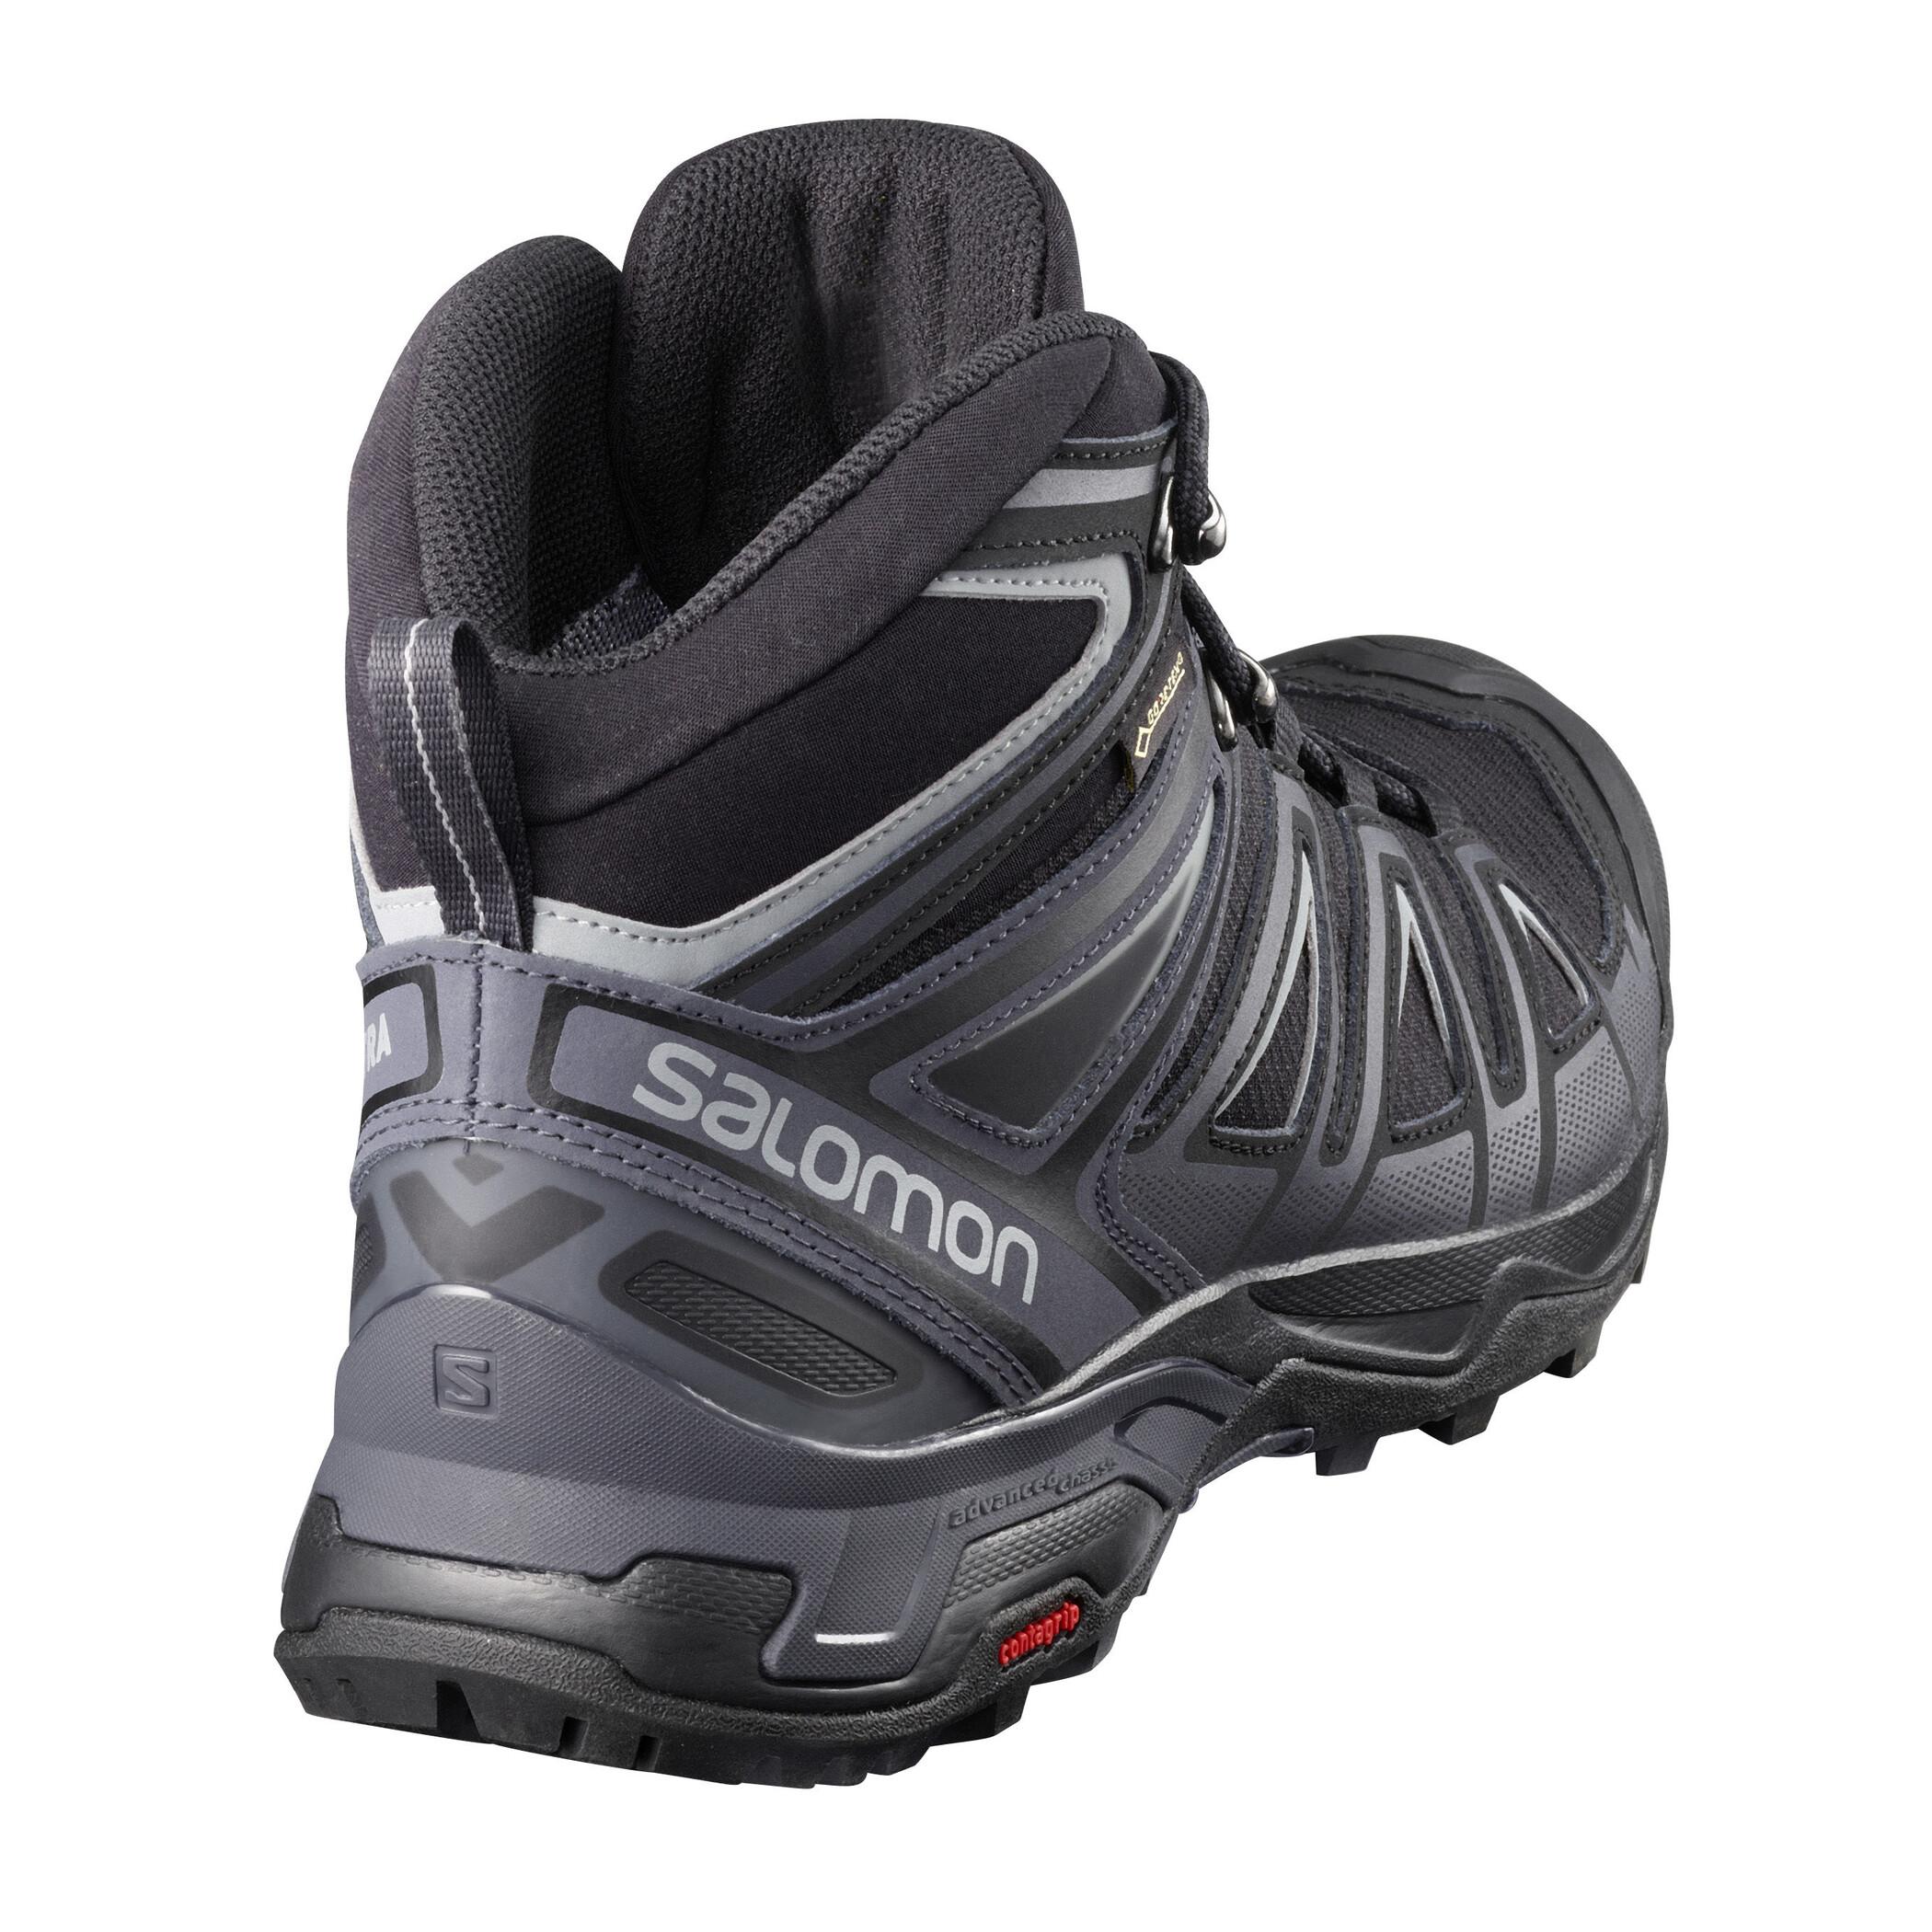 Salomon X Ultra 3 Mid GTX Schuhe Herren blackindia inkmonument